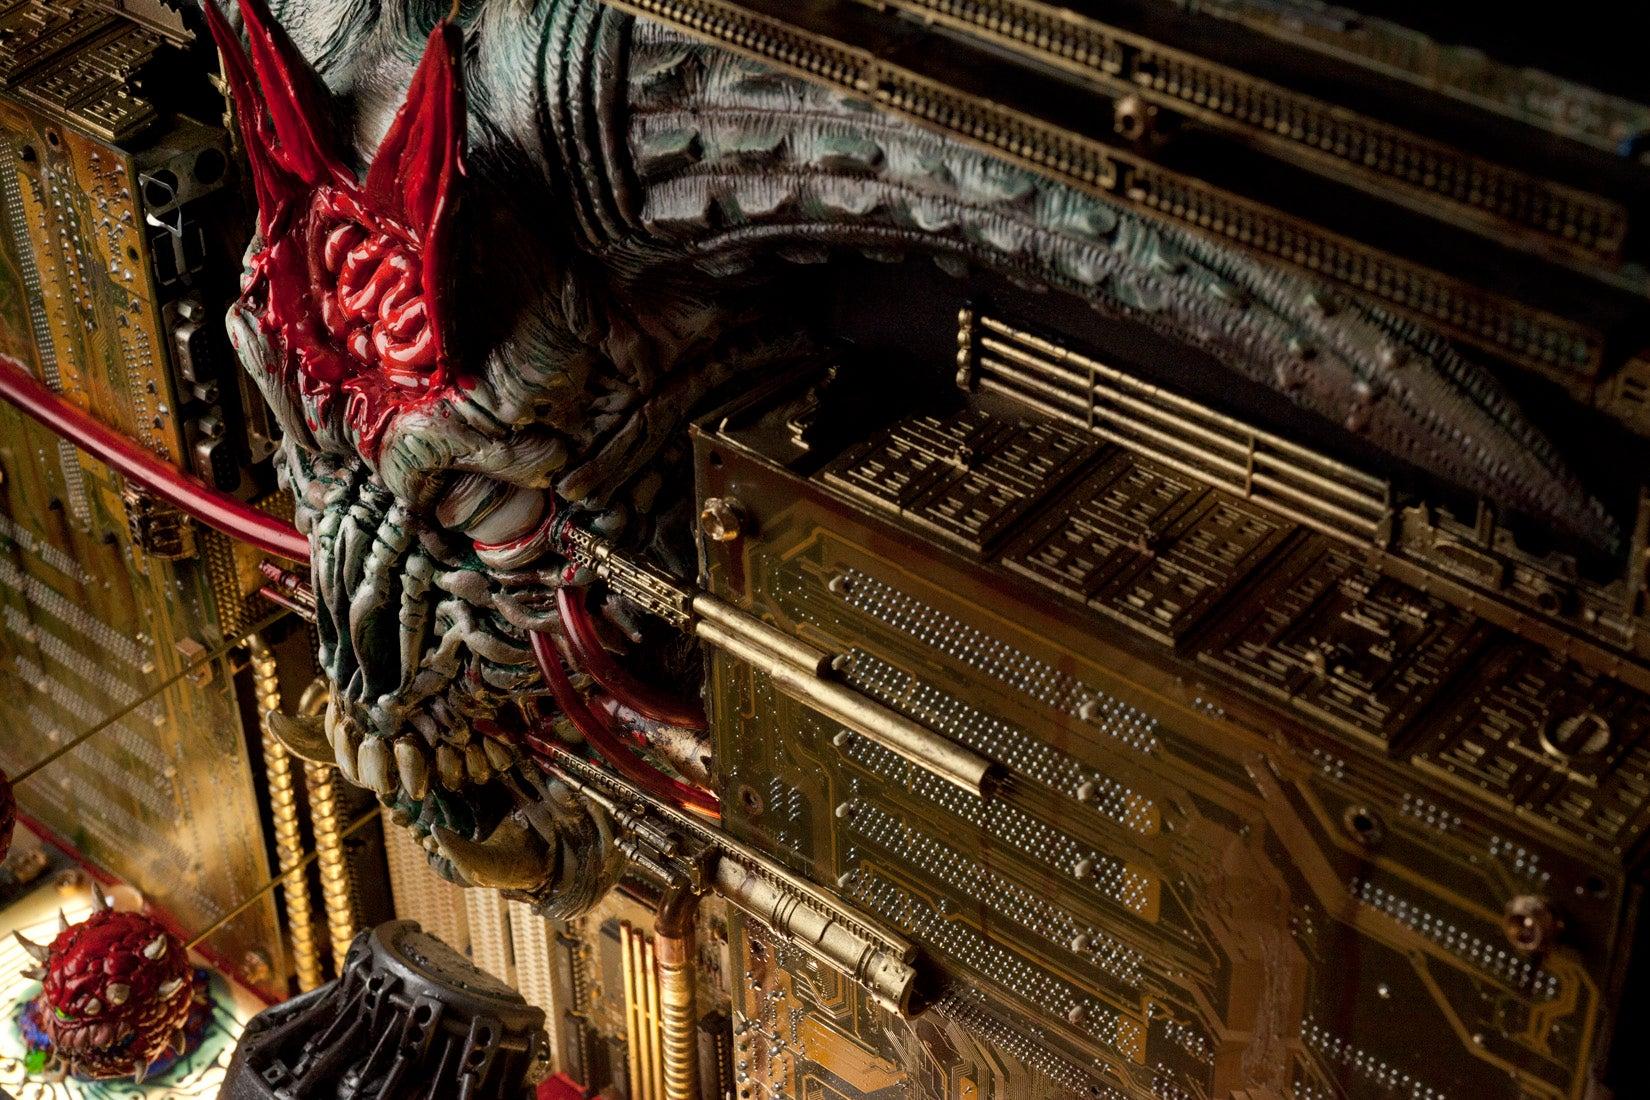 Artist Turns Doom II's Final Level Into $US6,000 Sculpture